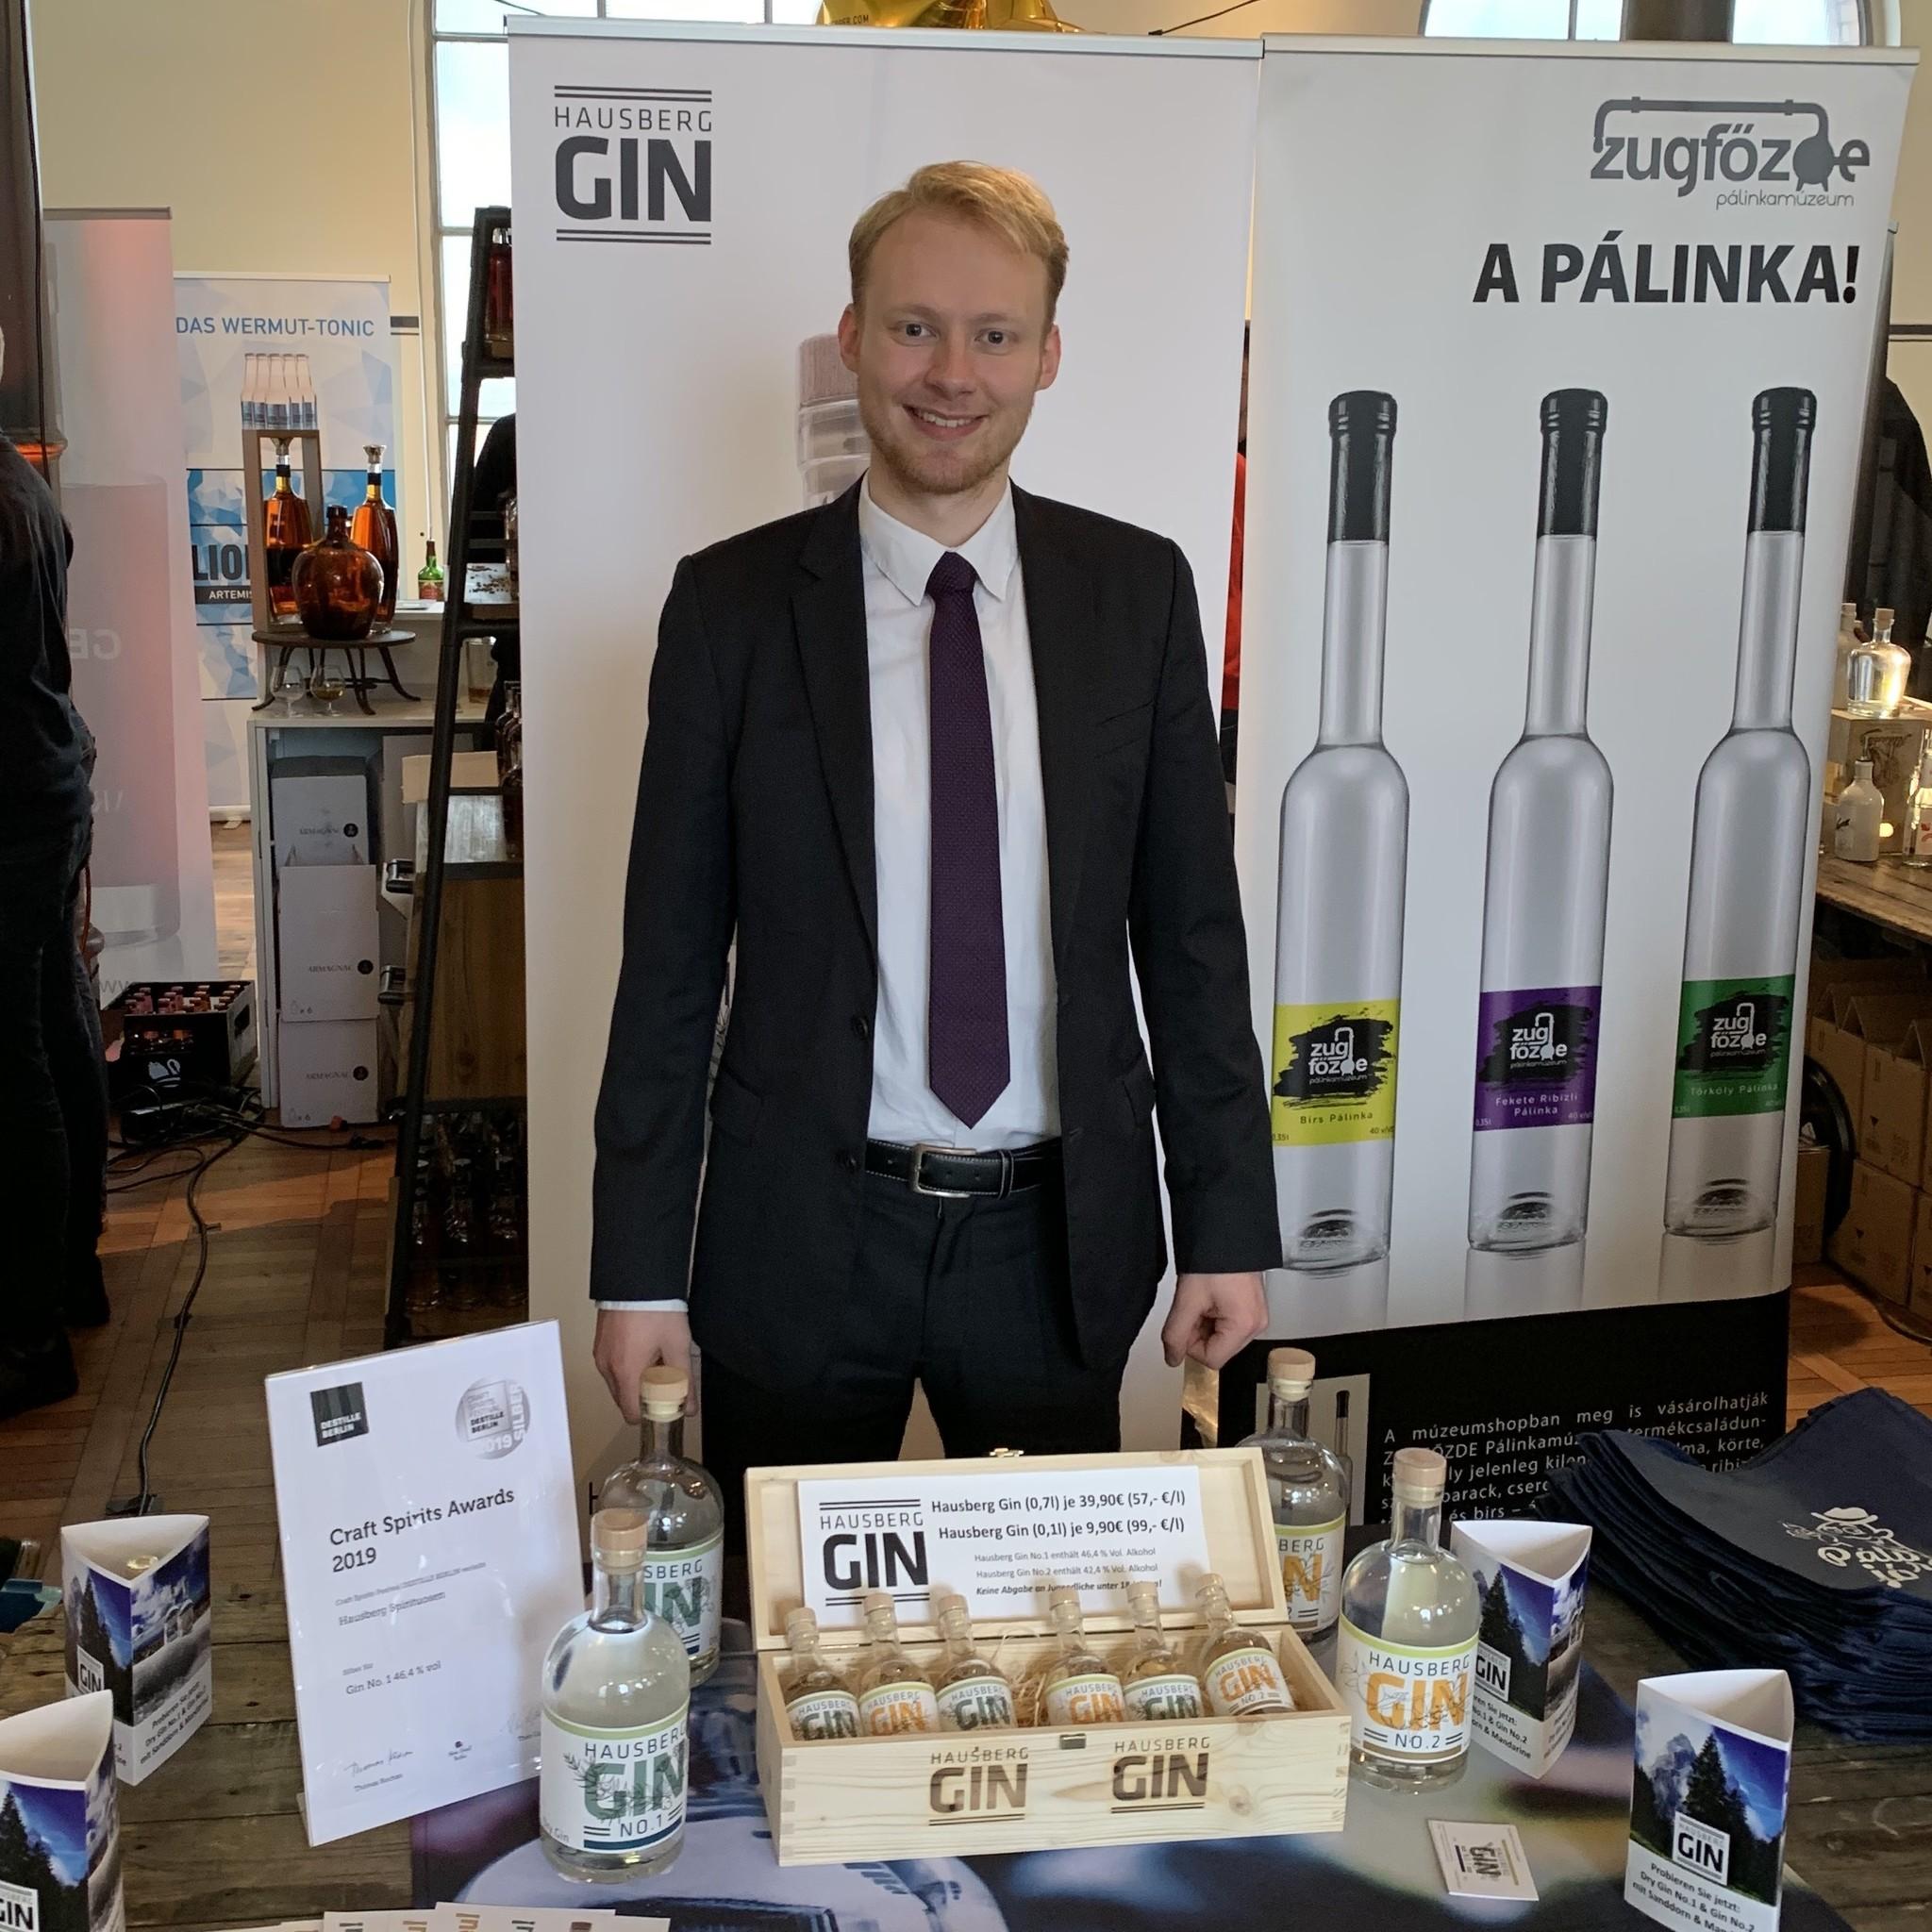 Hausberg Gin No.1 gewinnt den Award in Silber auf dem Craft Spirits Festival in Berlin 2019